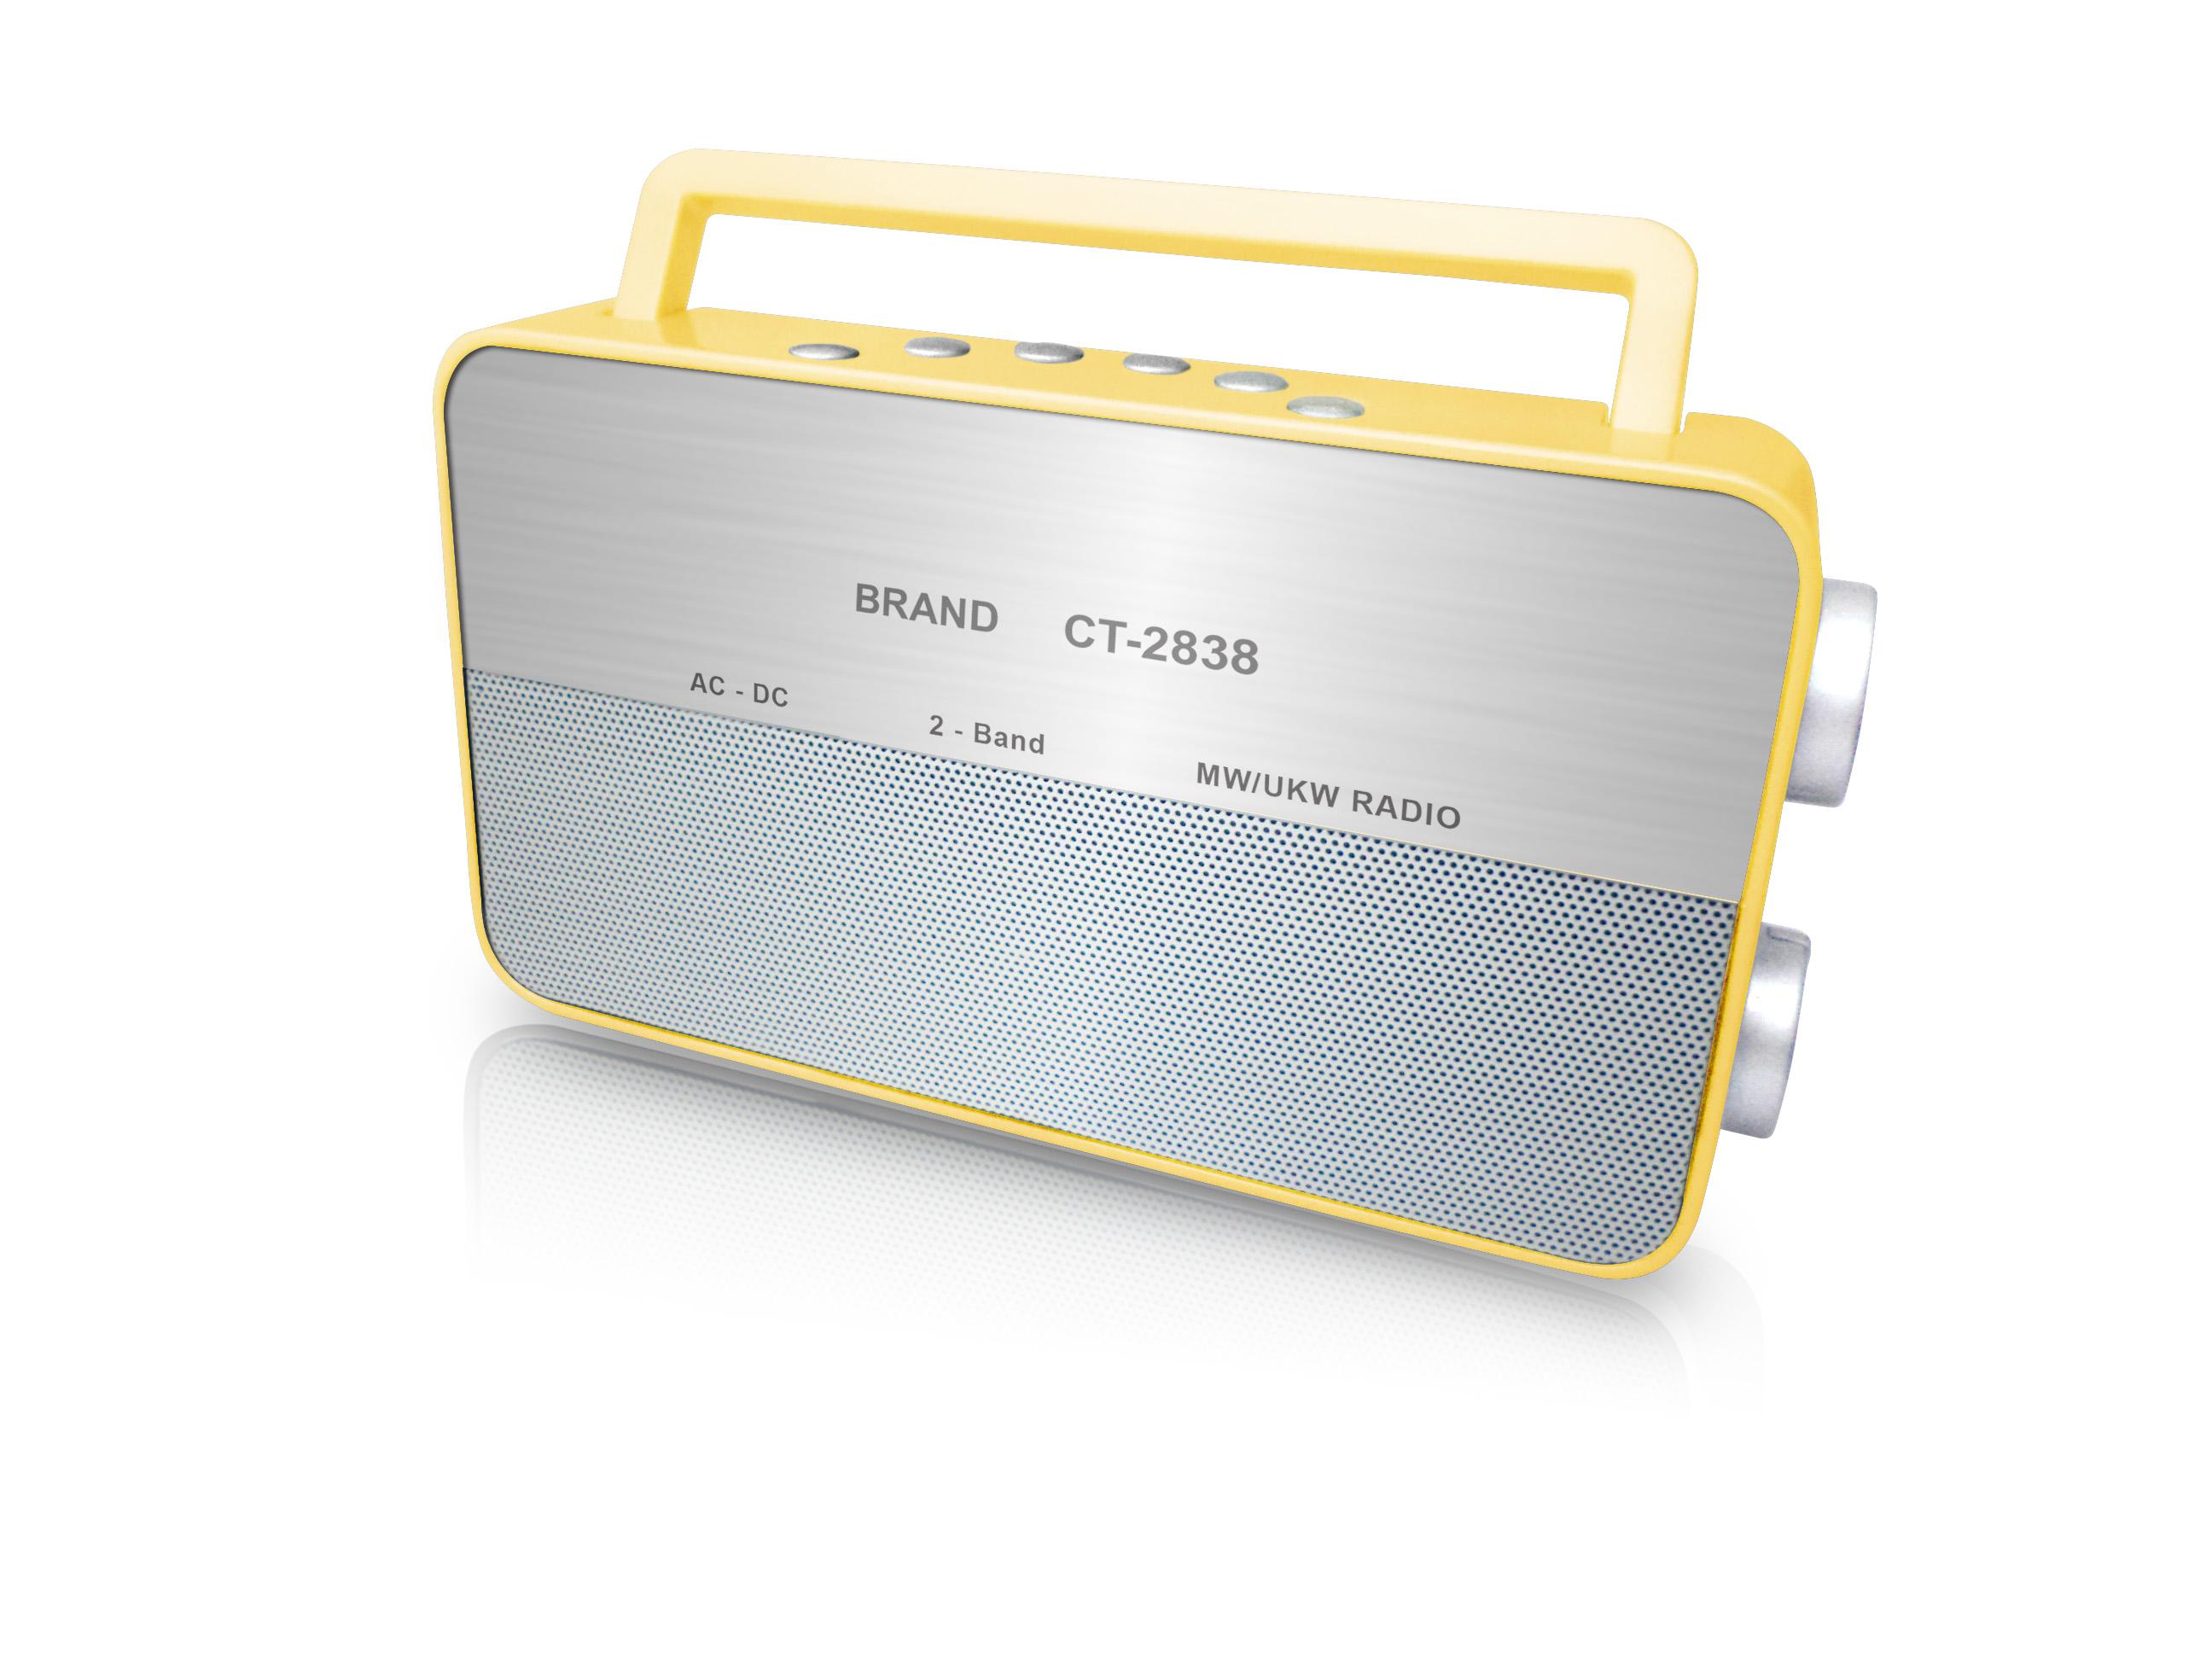 CT-2838 Brand Y.jpg